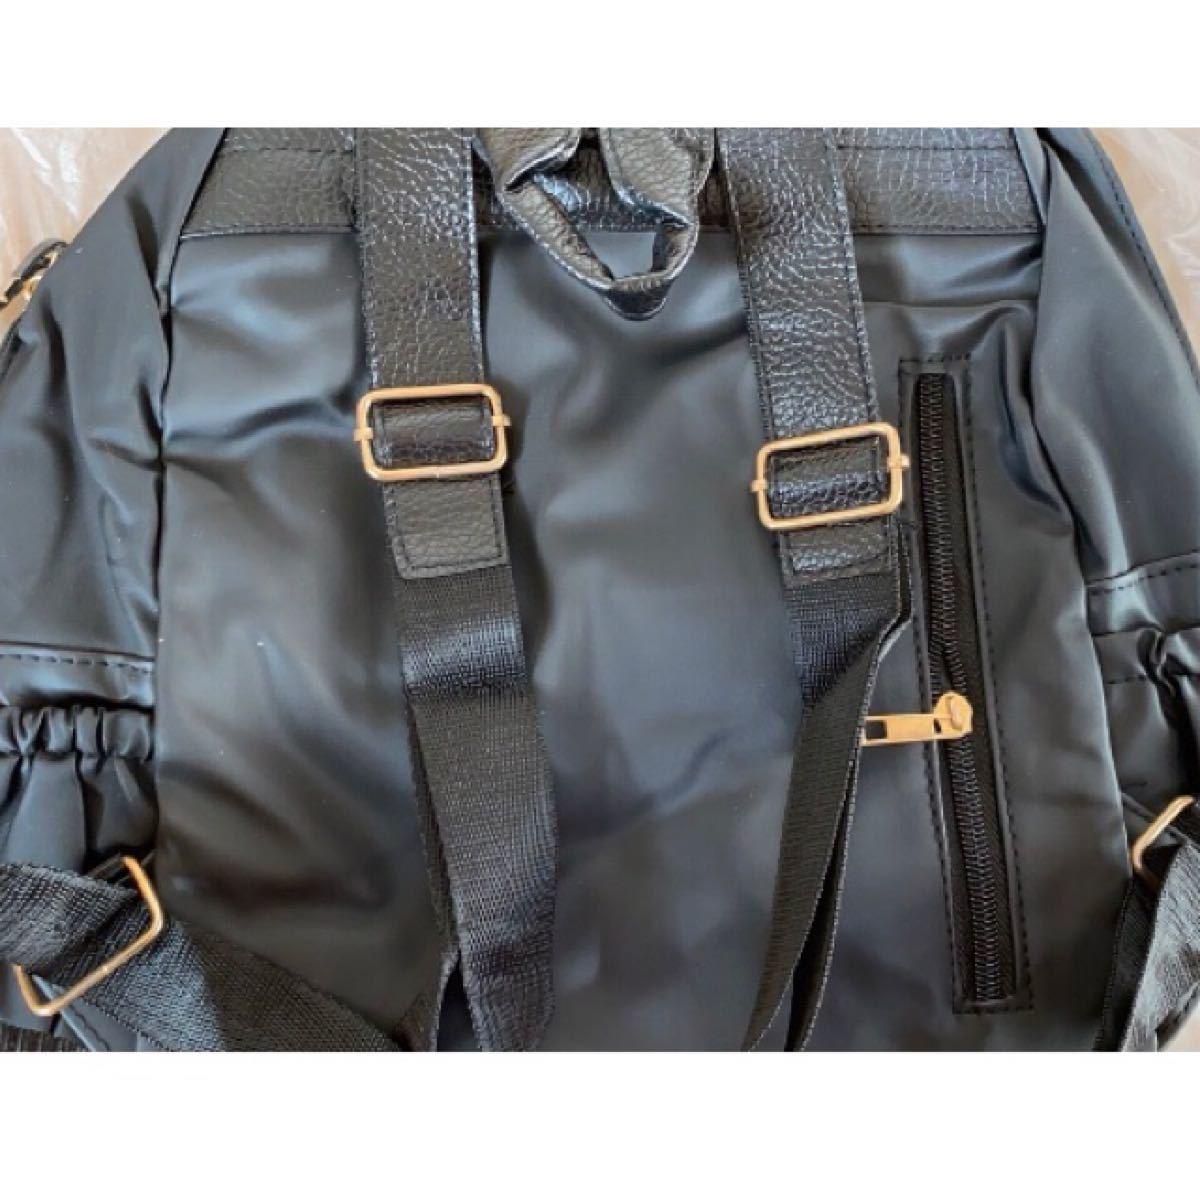 リュックサック 大容量 マザーズバッグ レディース 黒 通学 防水 通勤 軽量 多収納 かばん ゴールド A4 レザー リュック